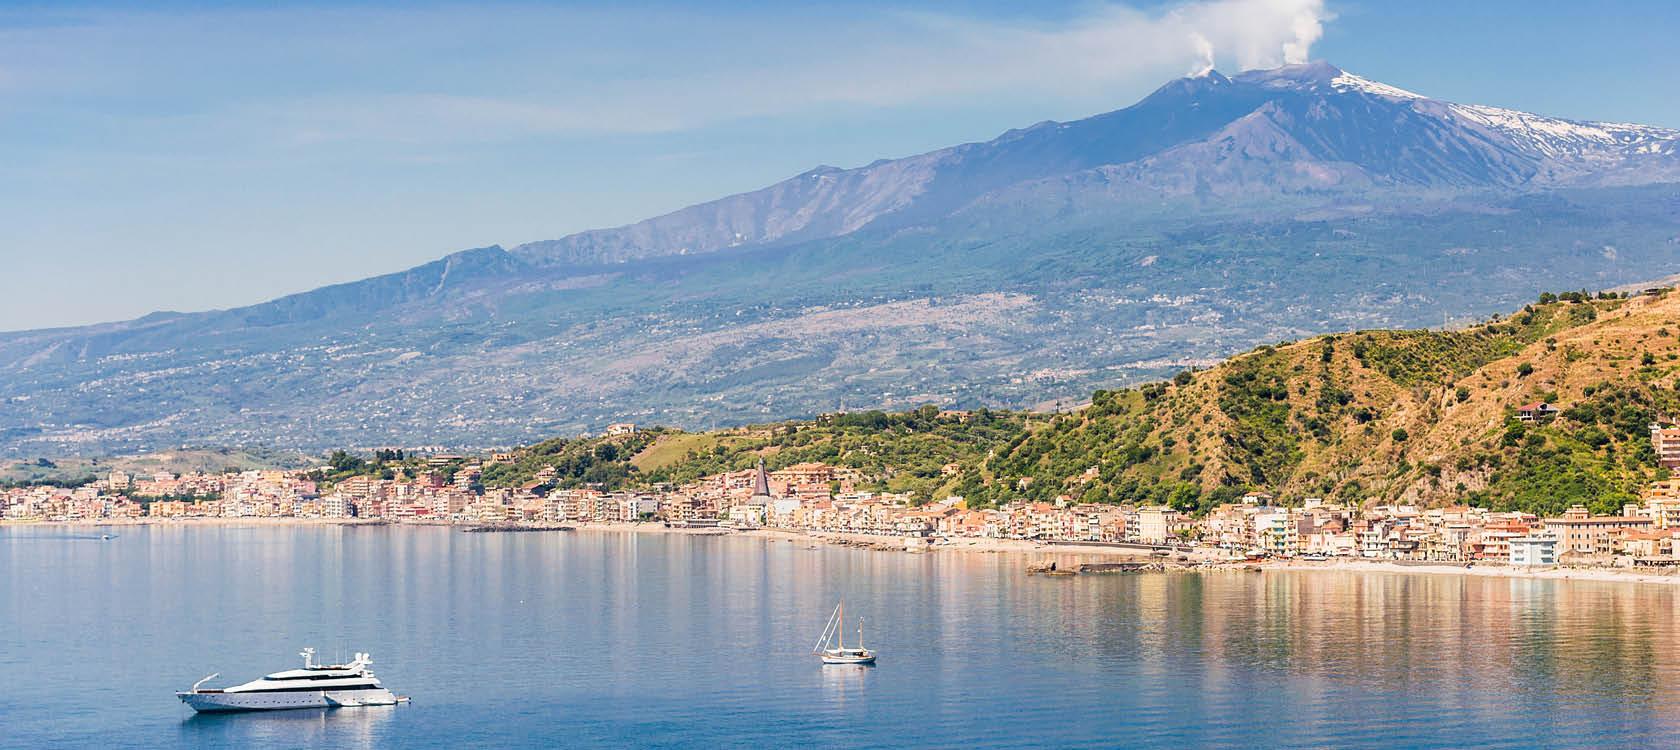 berglandskap och kuststäder på den italienska ön sicilien